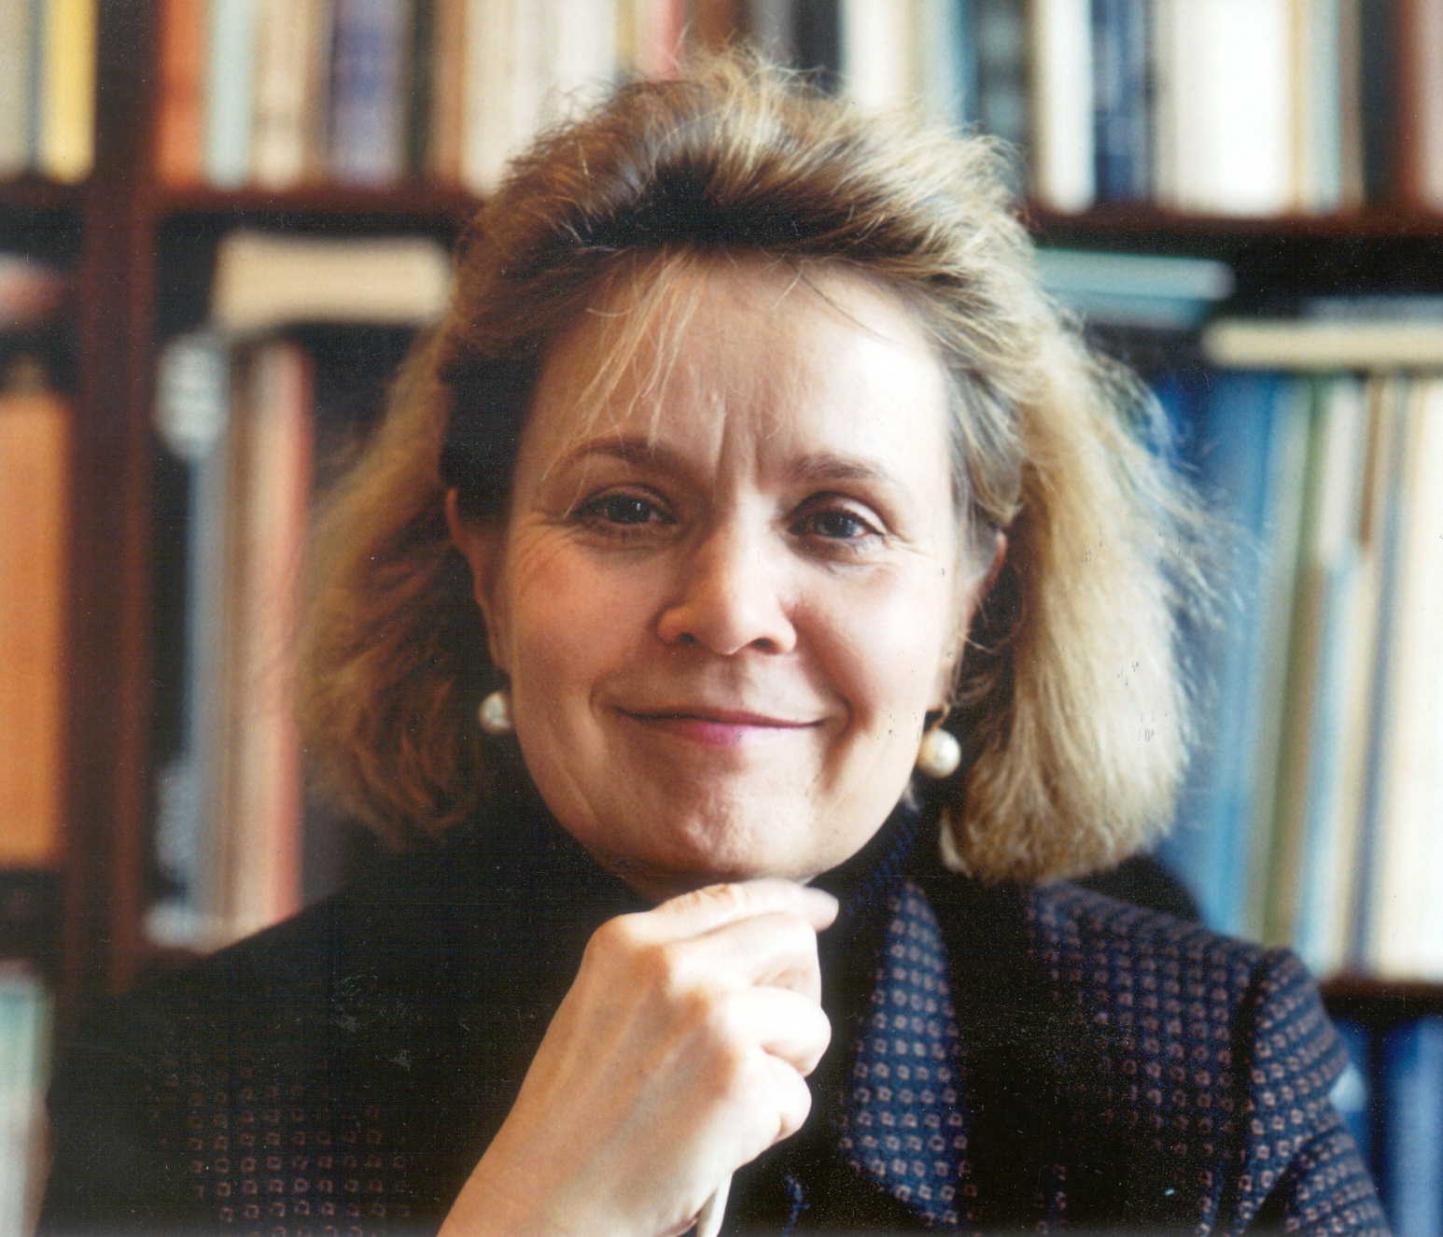 Generationen-Wechsel: Normalität, Chance oder Konflikt? – Astrid von Friesen und Co-Autor Gerhard Wilke